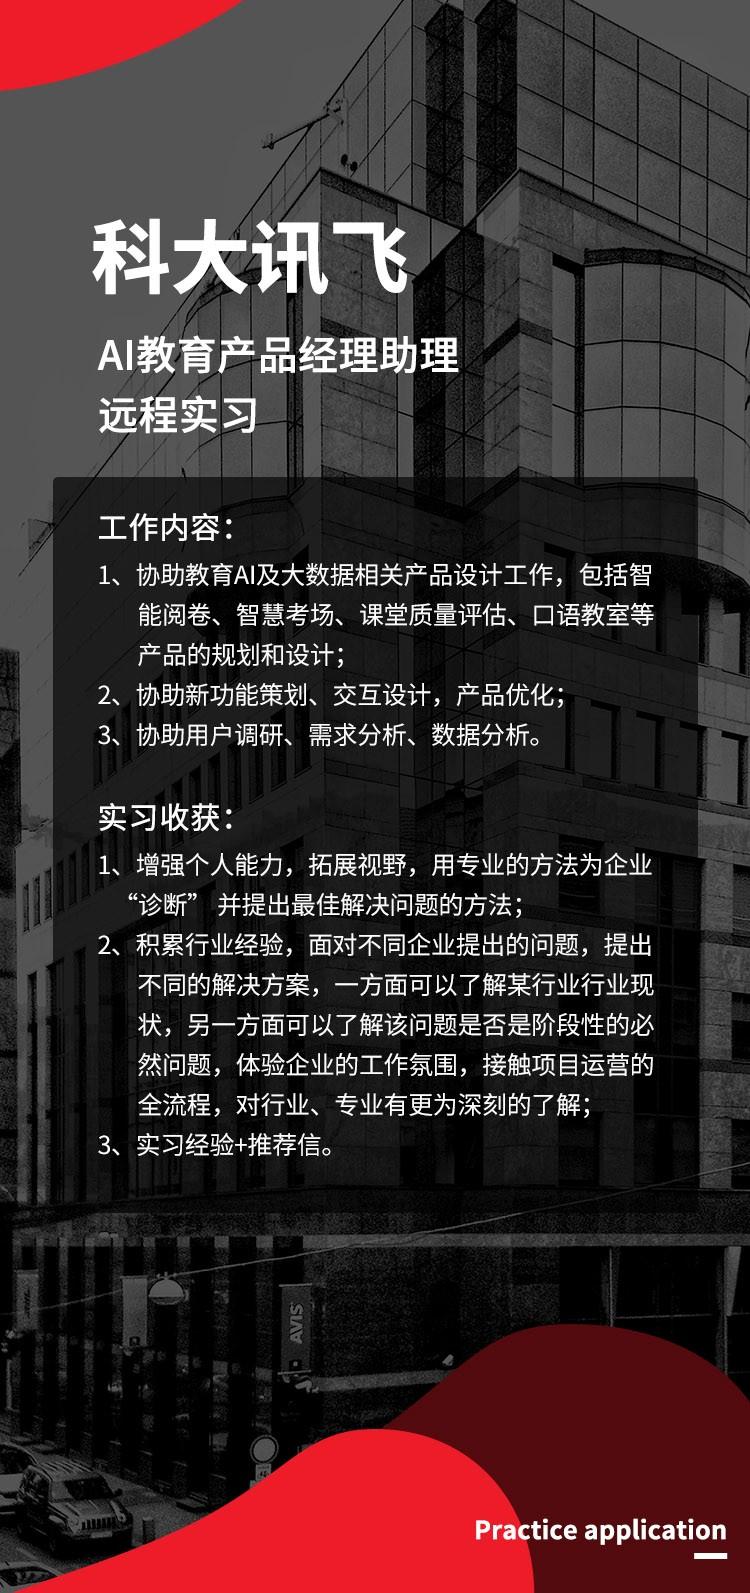 科大讯飞AI教育产品经理助理远程